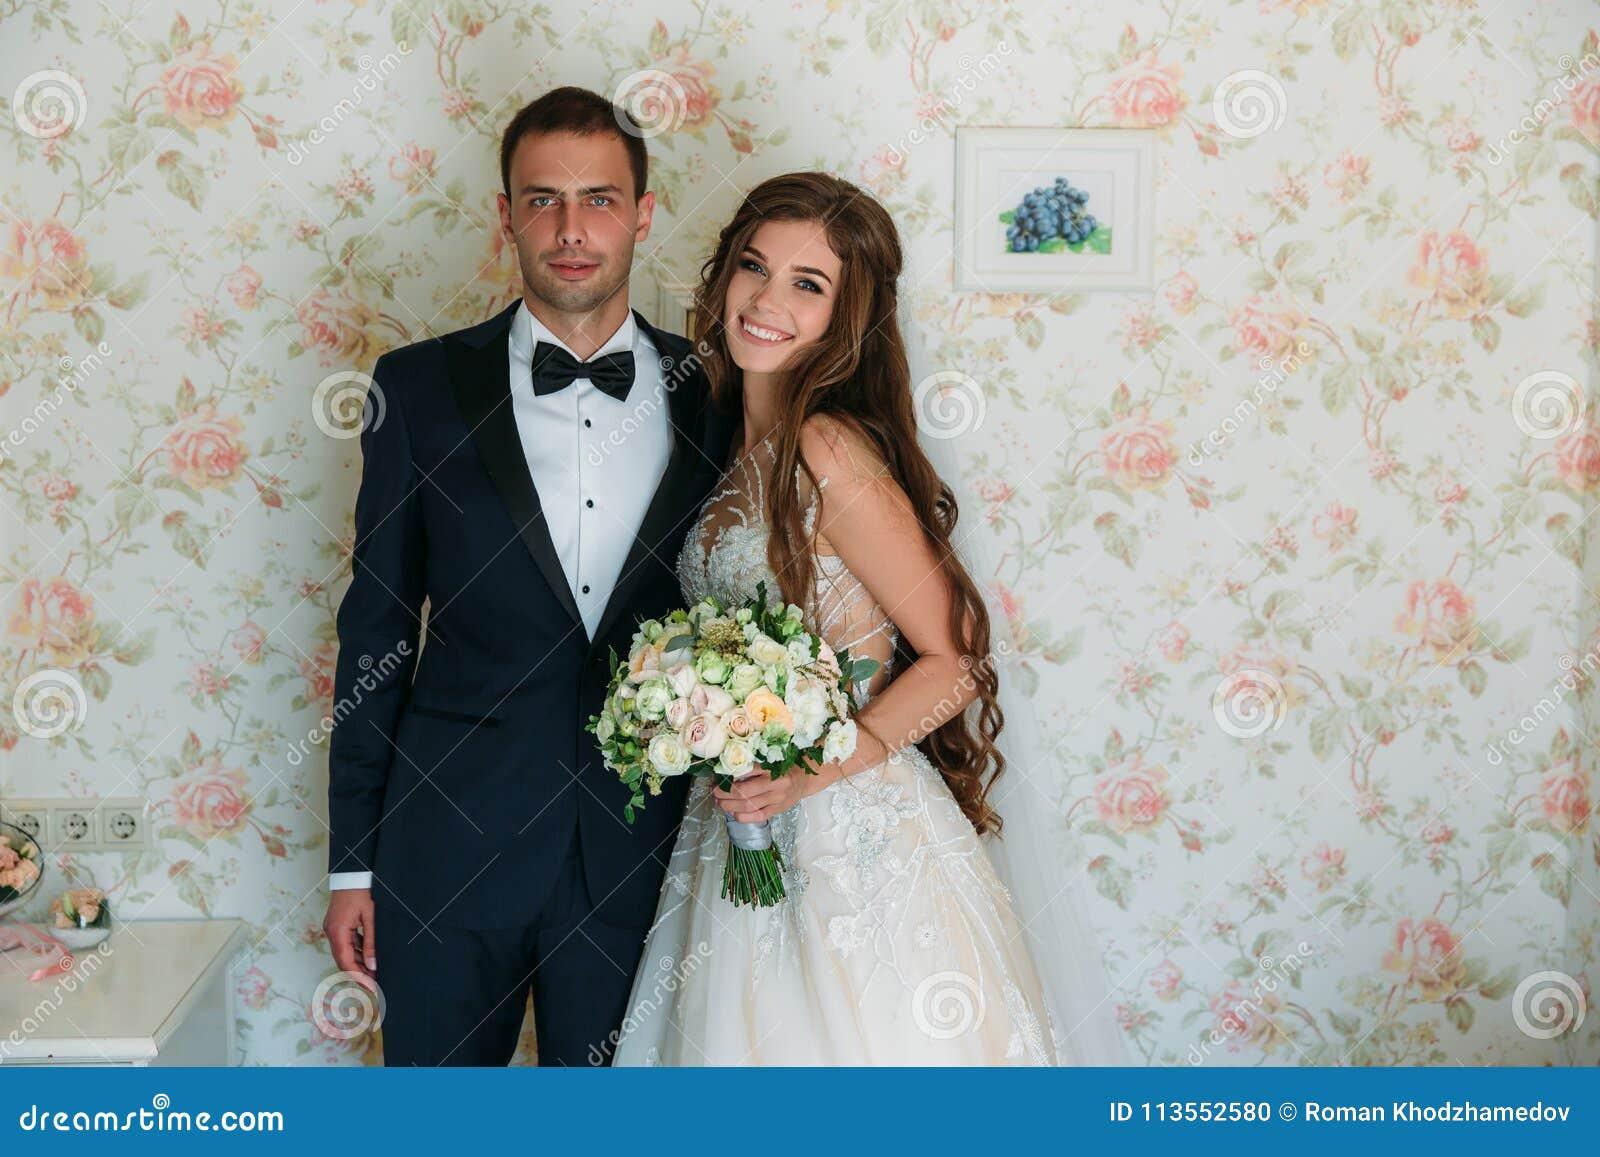 Traje negro para boda de dia hombre